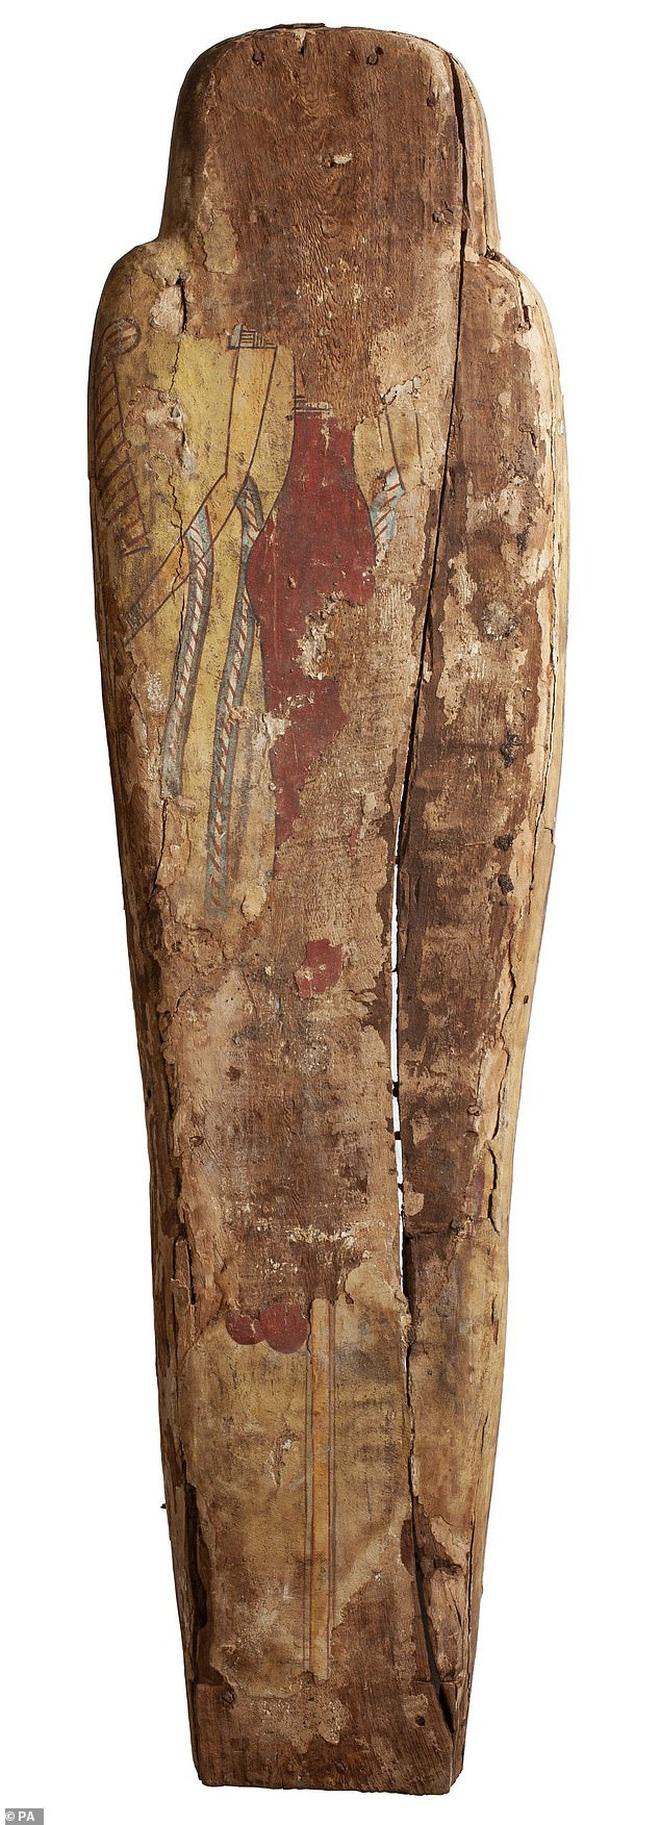 Đưa xác ướp 3.000 năm tuổi của công chúa Ai Cập ra khỏi quan tài, phát hiện bức chân dung bí ẩn cùng hàng loạt câu hỏi chưa có lời giải đáp - ảnh 3